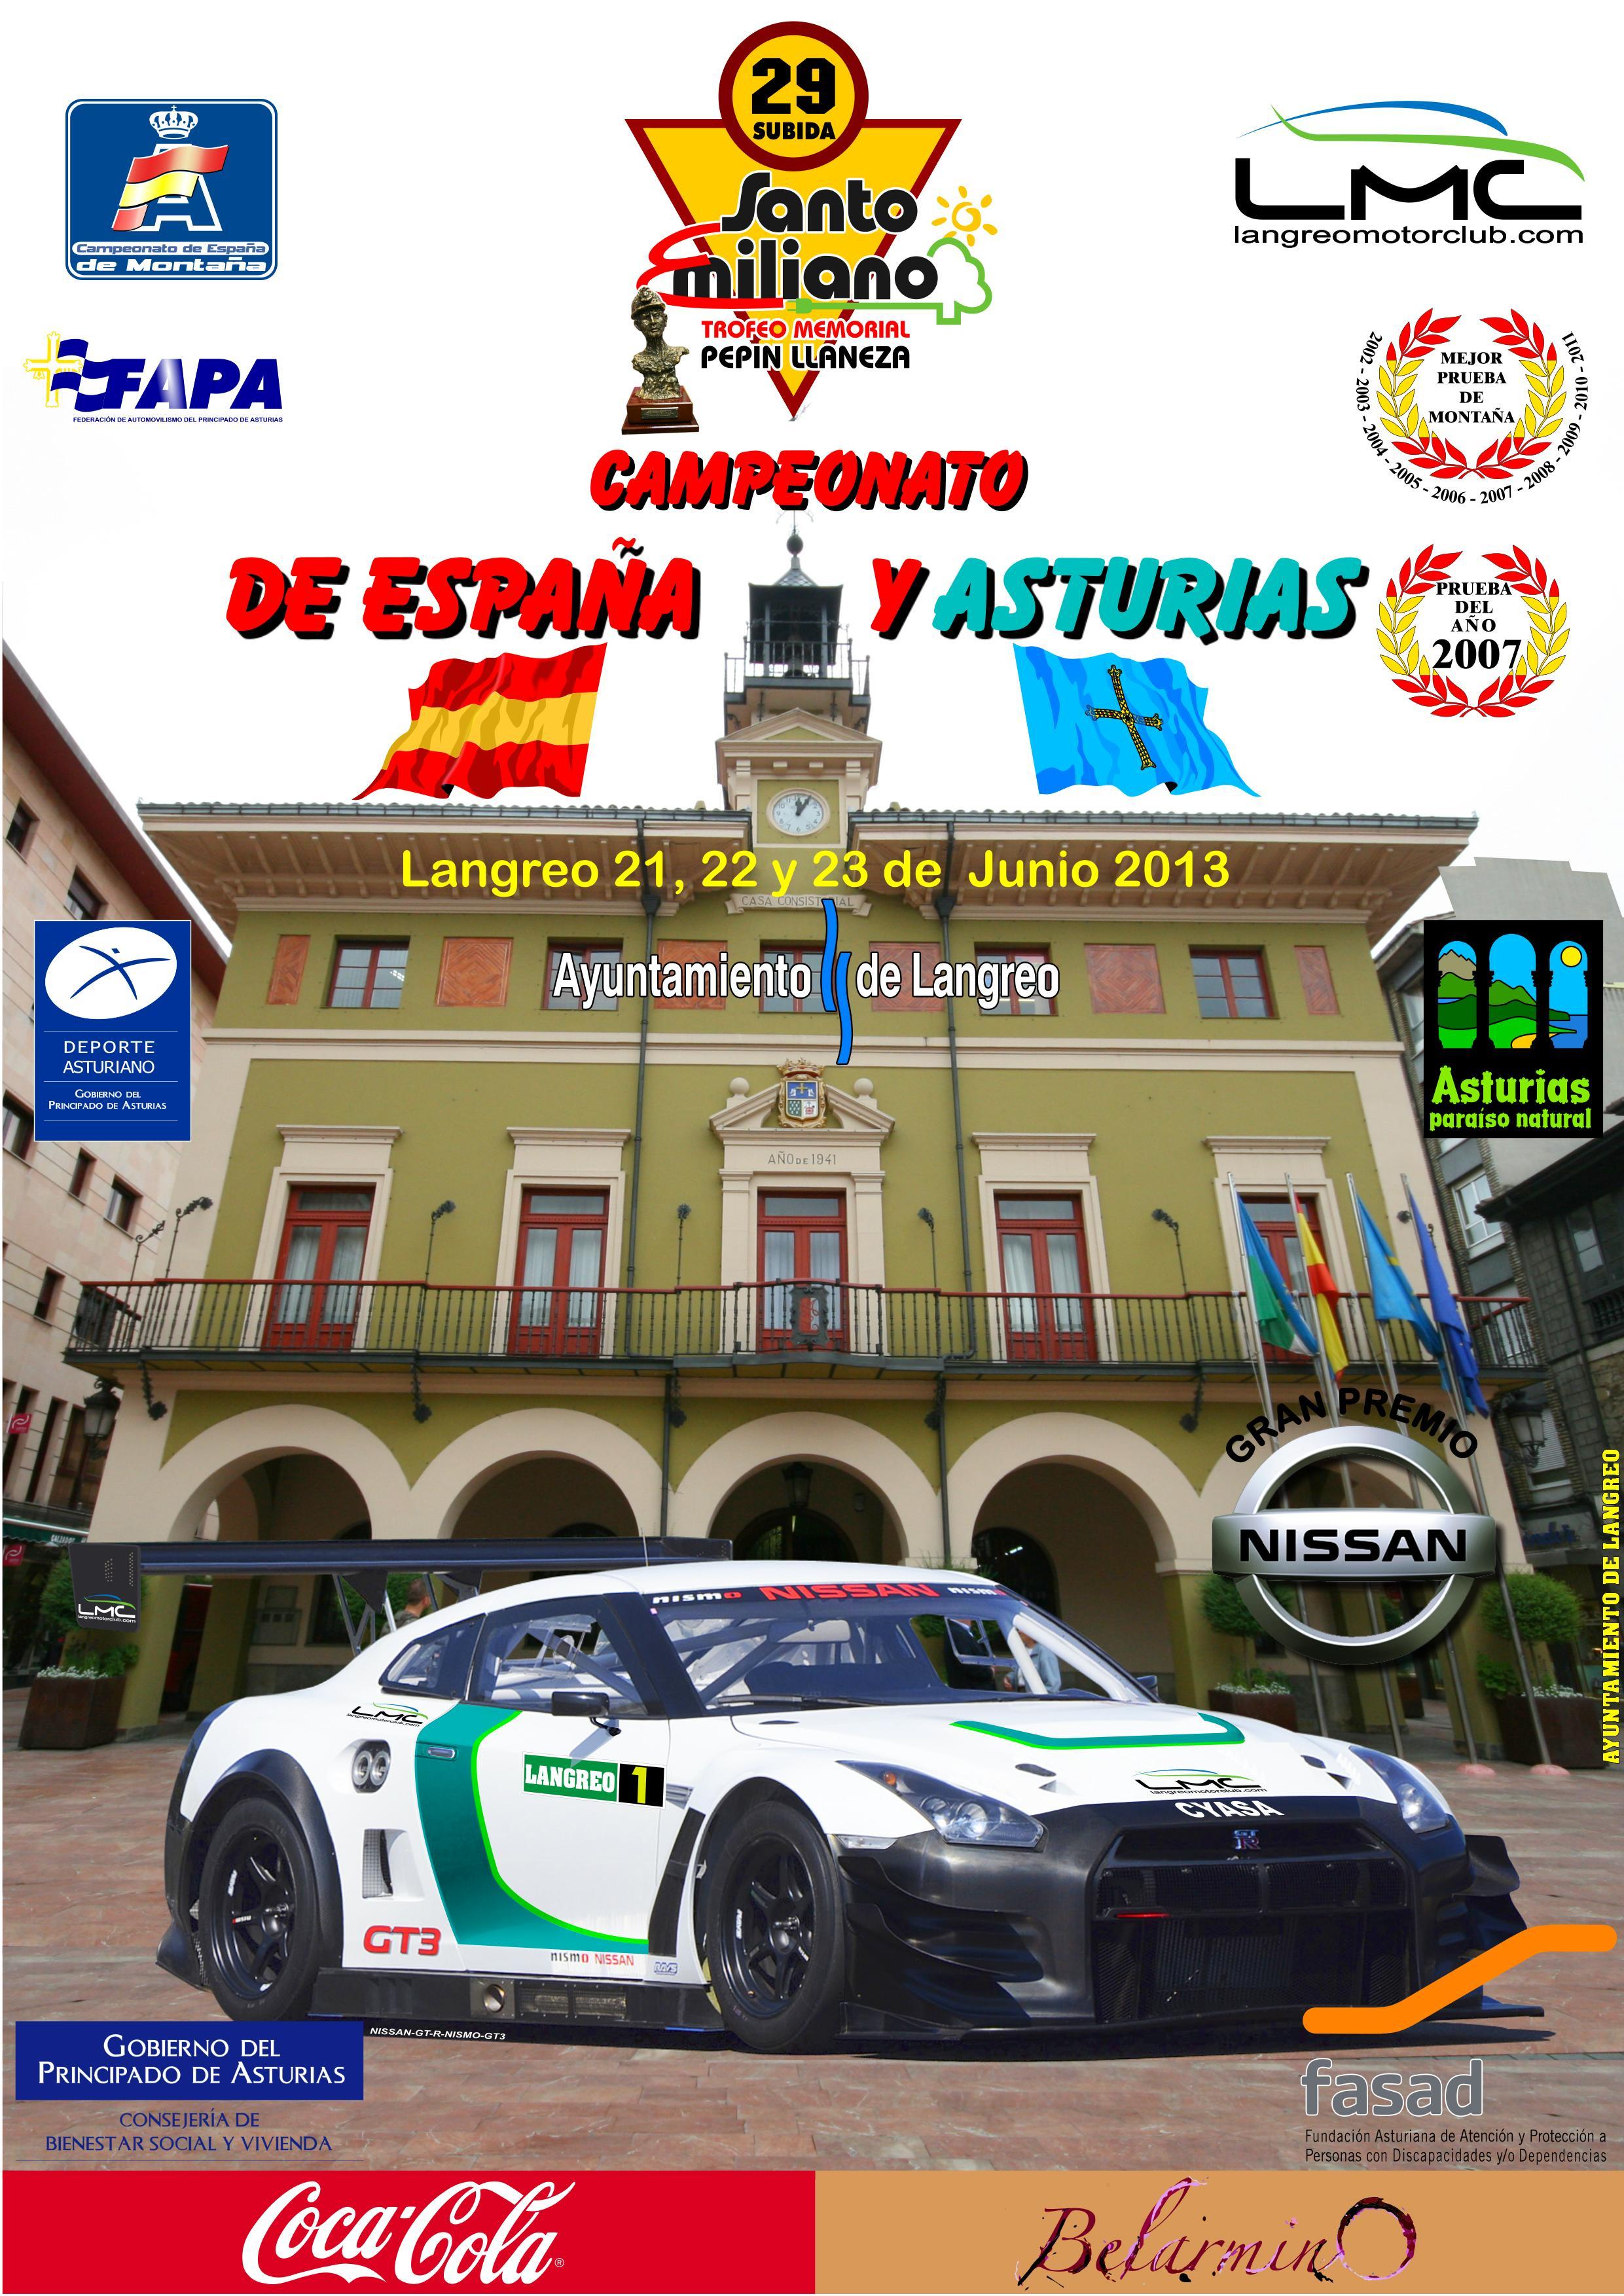 29ª Subida a Santo Emiliano (22 y 23 de junio) Cartel